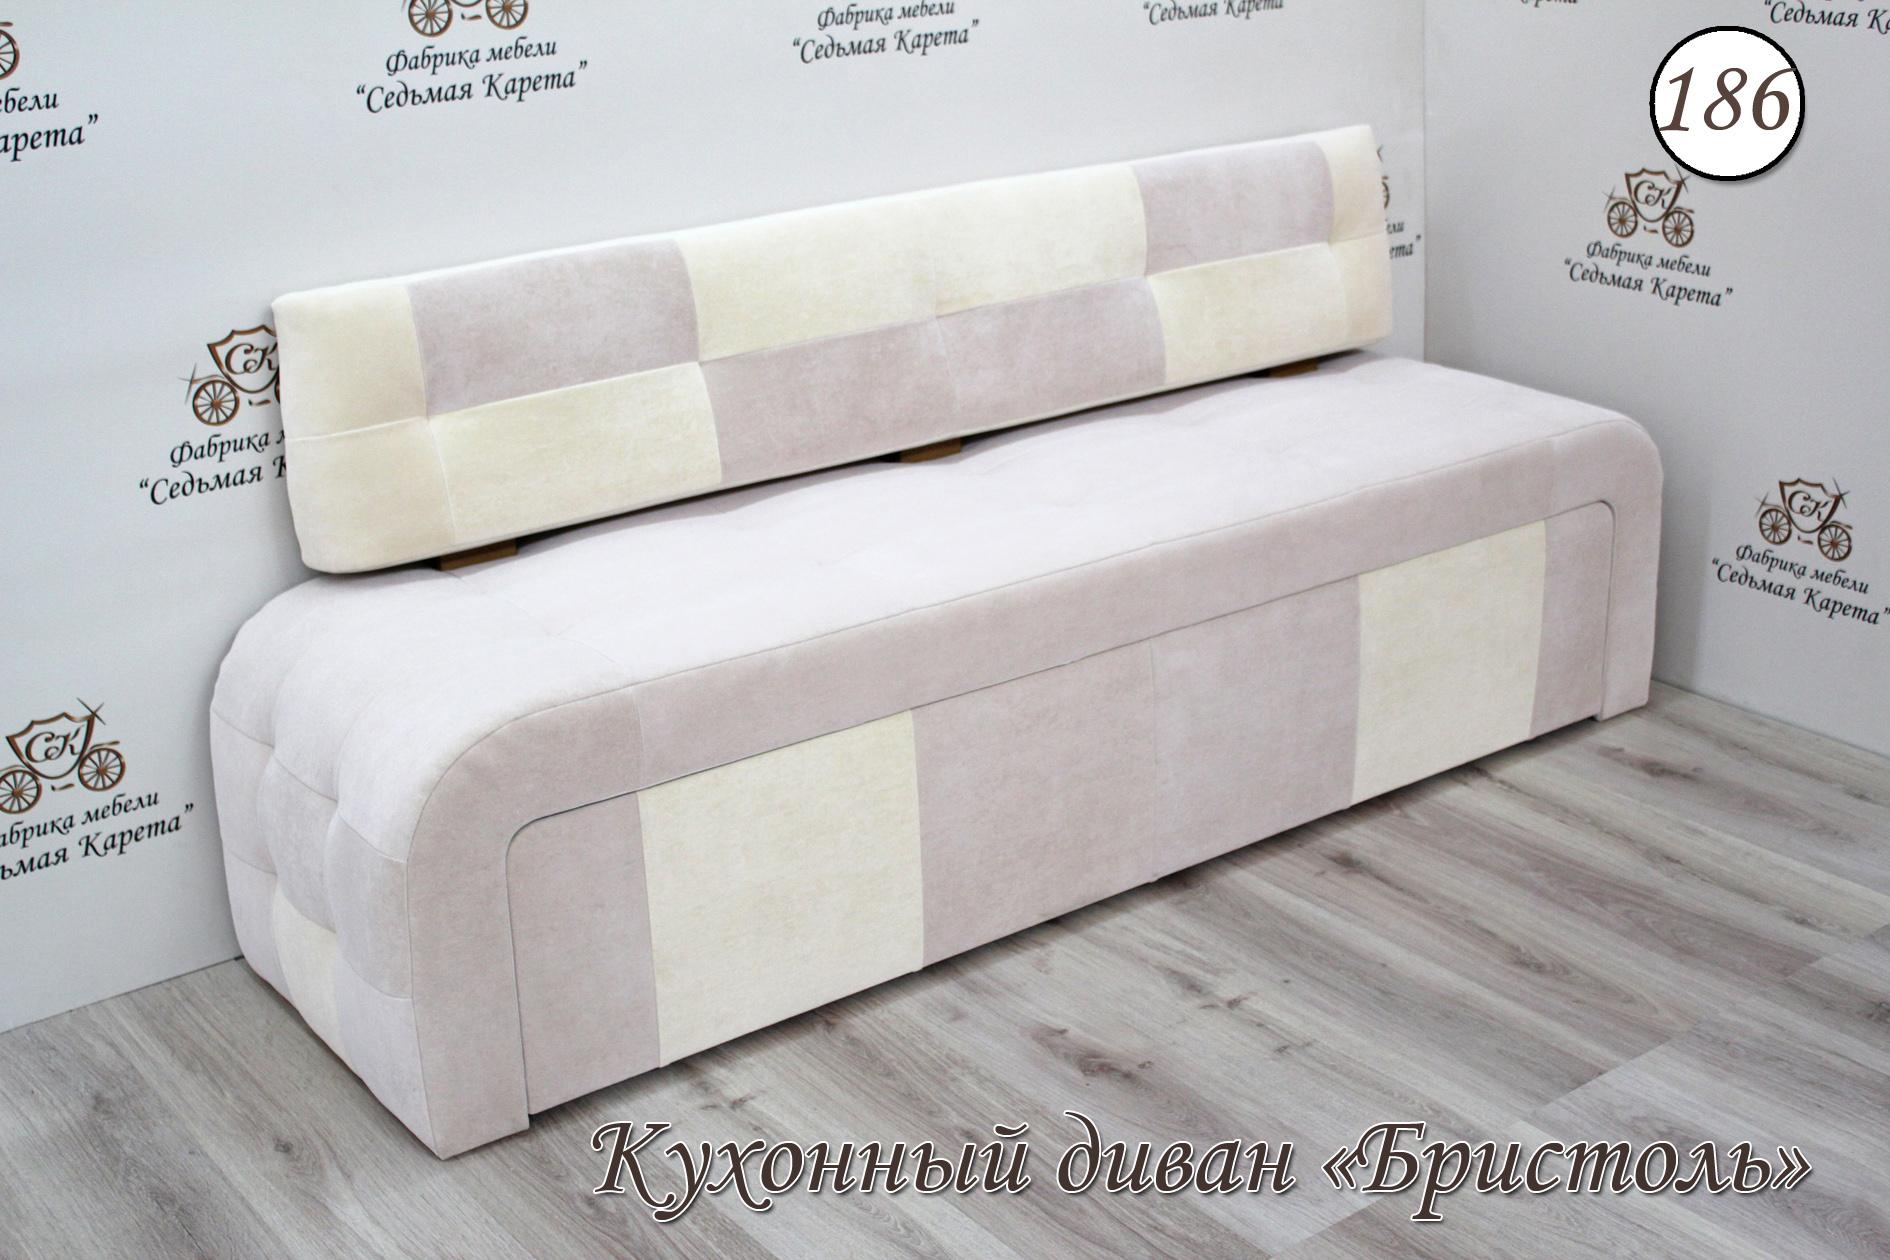 Кухонный диван Бристоль-186